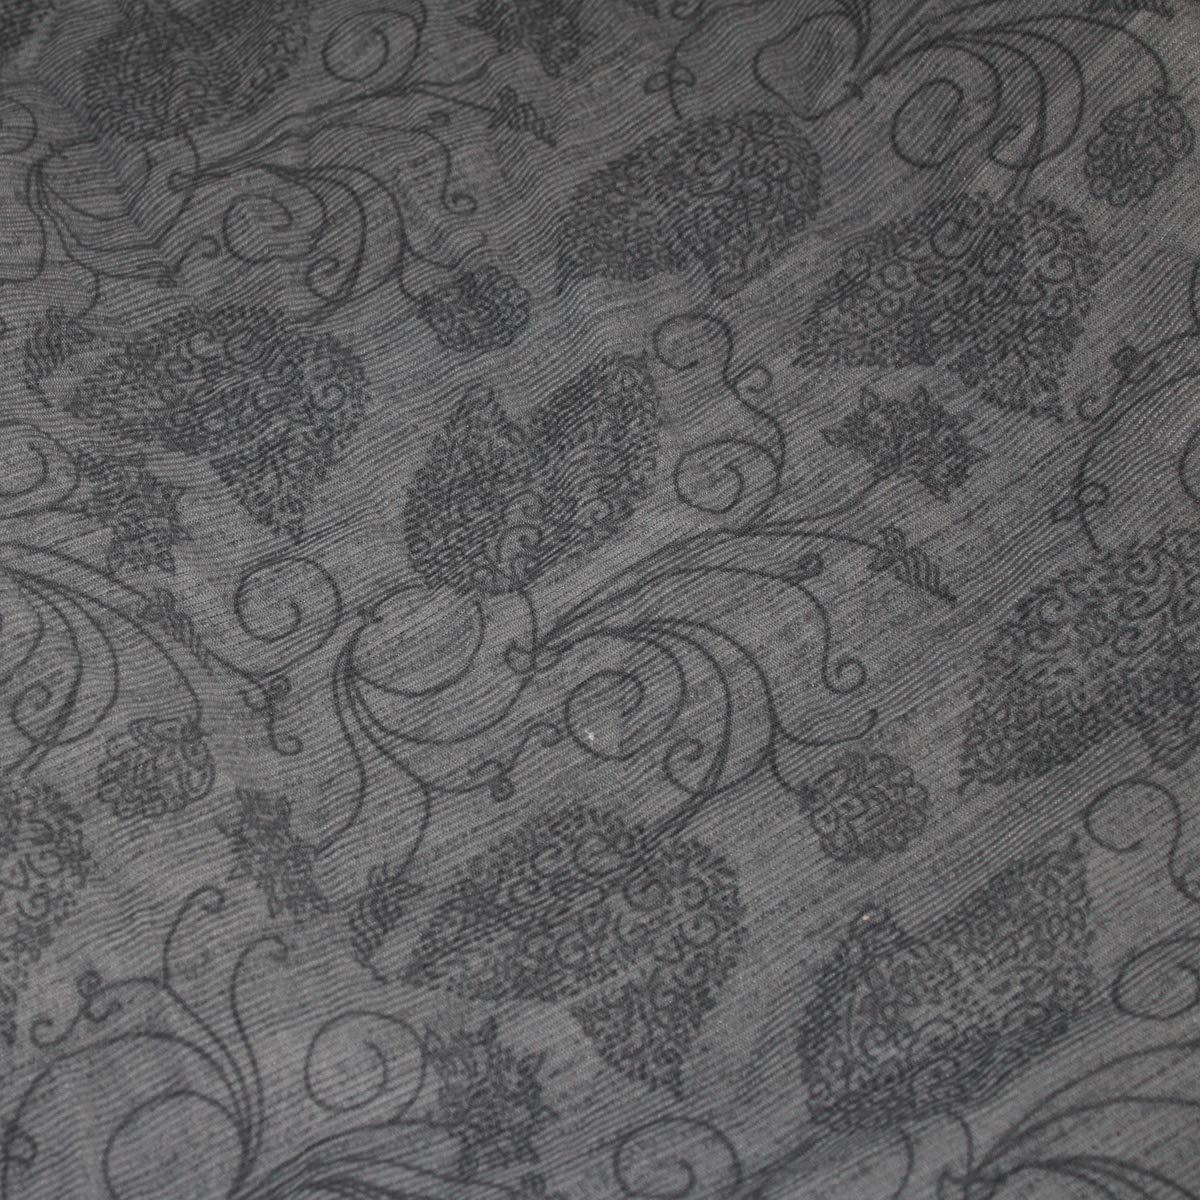 Russo Tessuti Copridivano Copri Divano Sof/à Cover Linea Ambro Elasticizzato Fantasia Ray ONE-510 Crema-Copristruttura 2 Posti